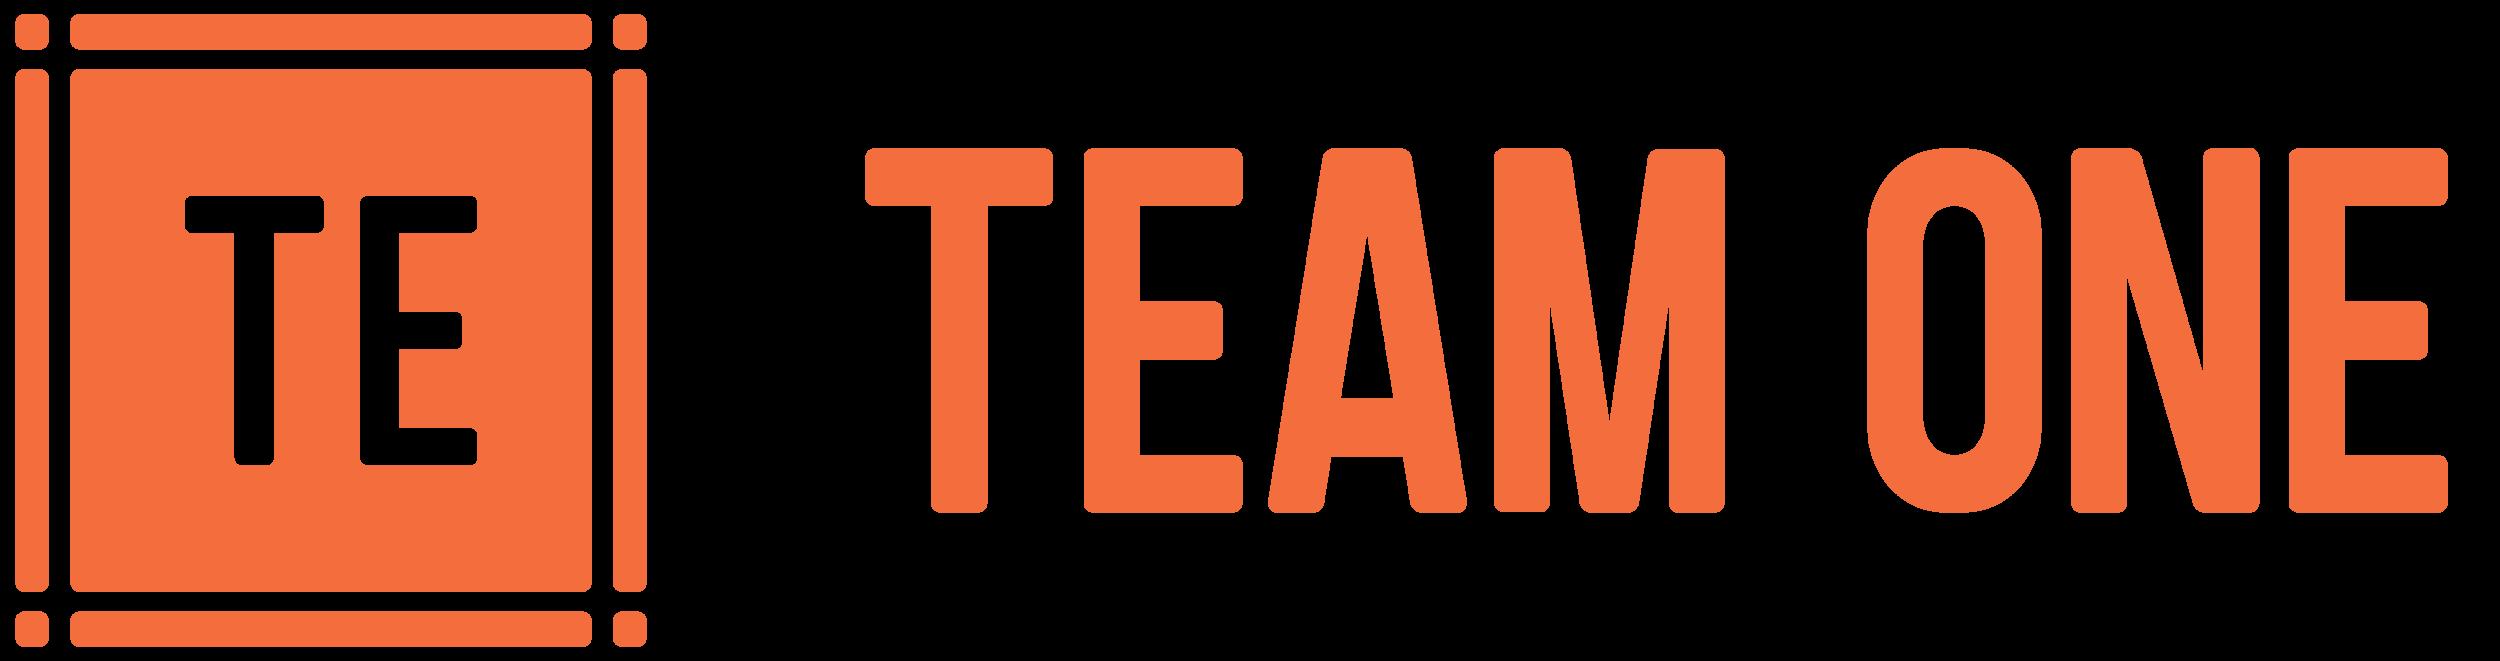 Teams-Title-Color.png